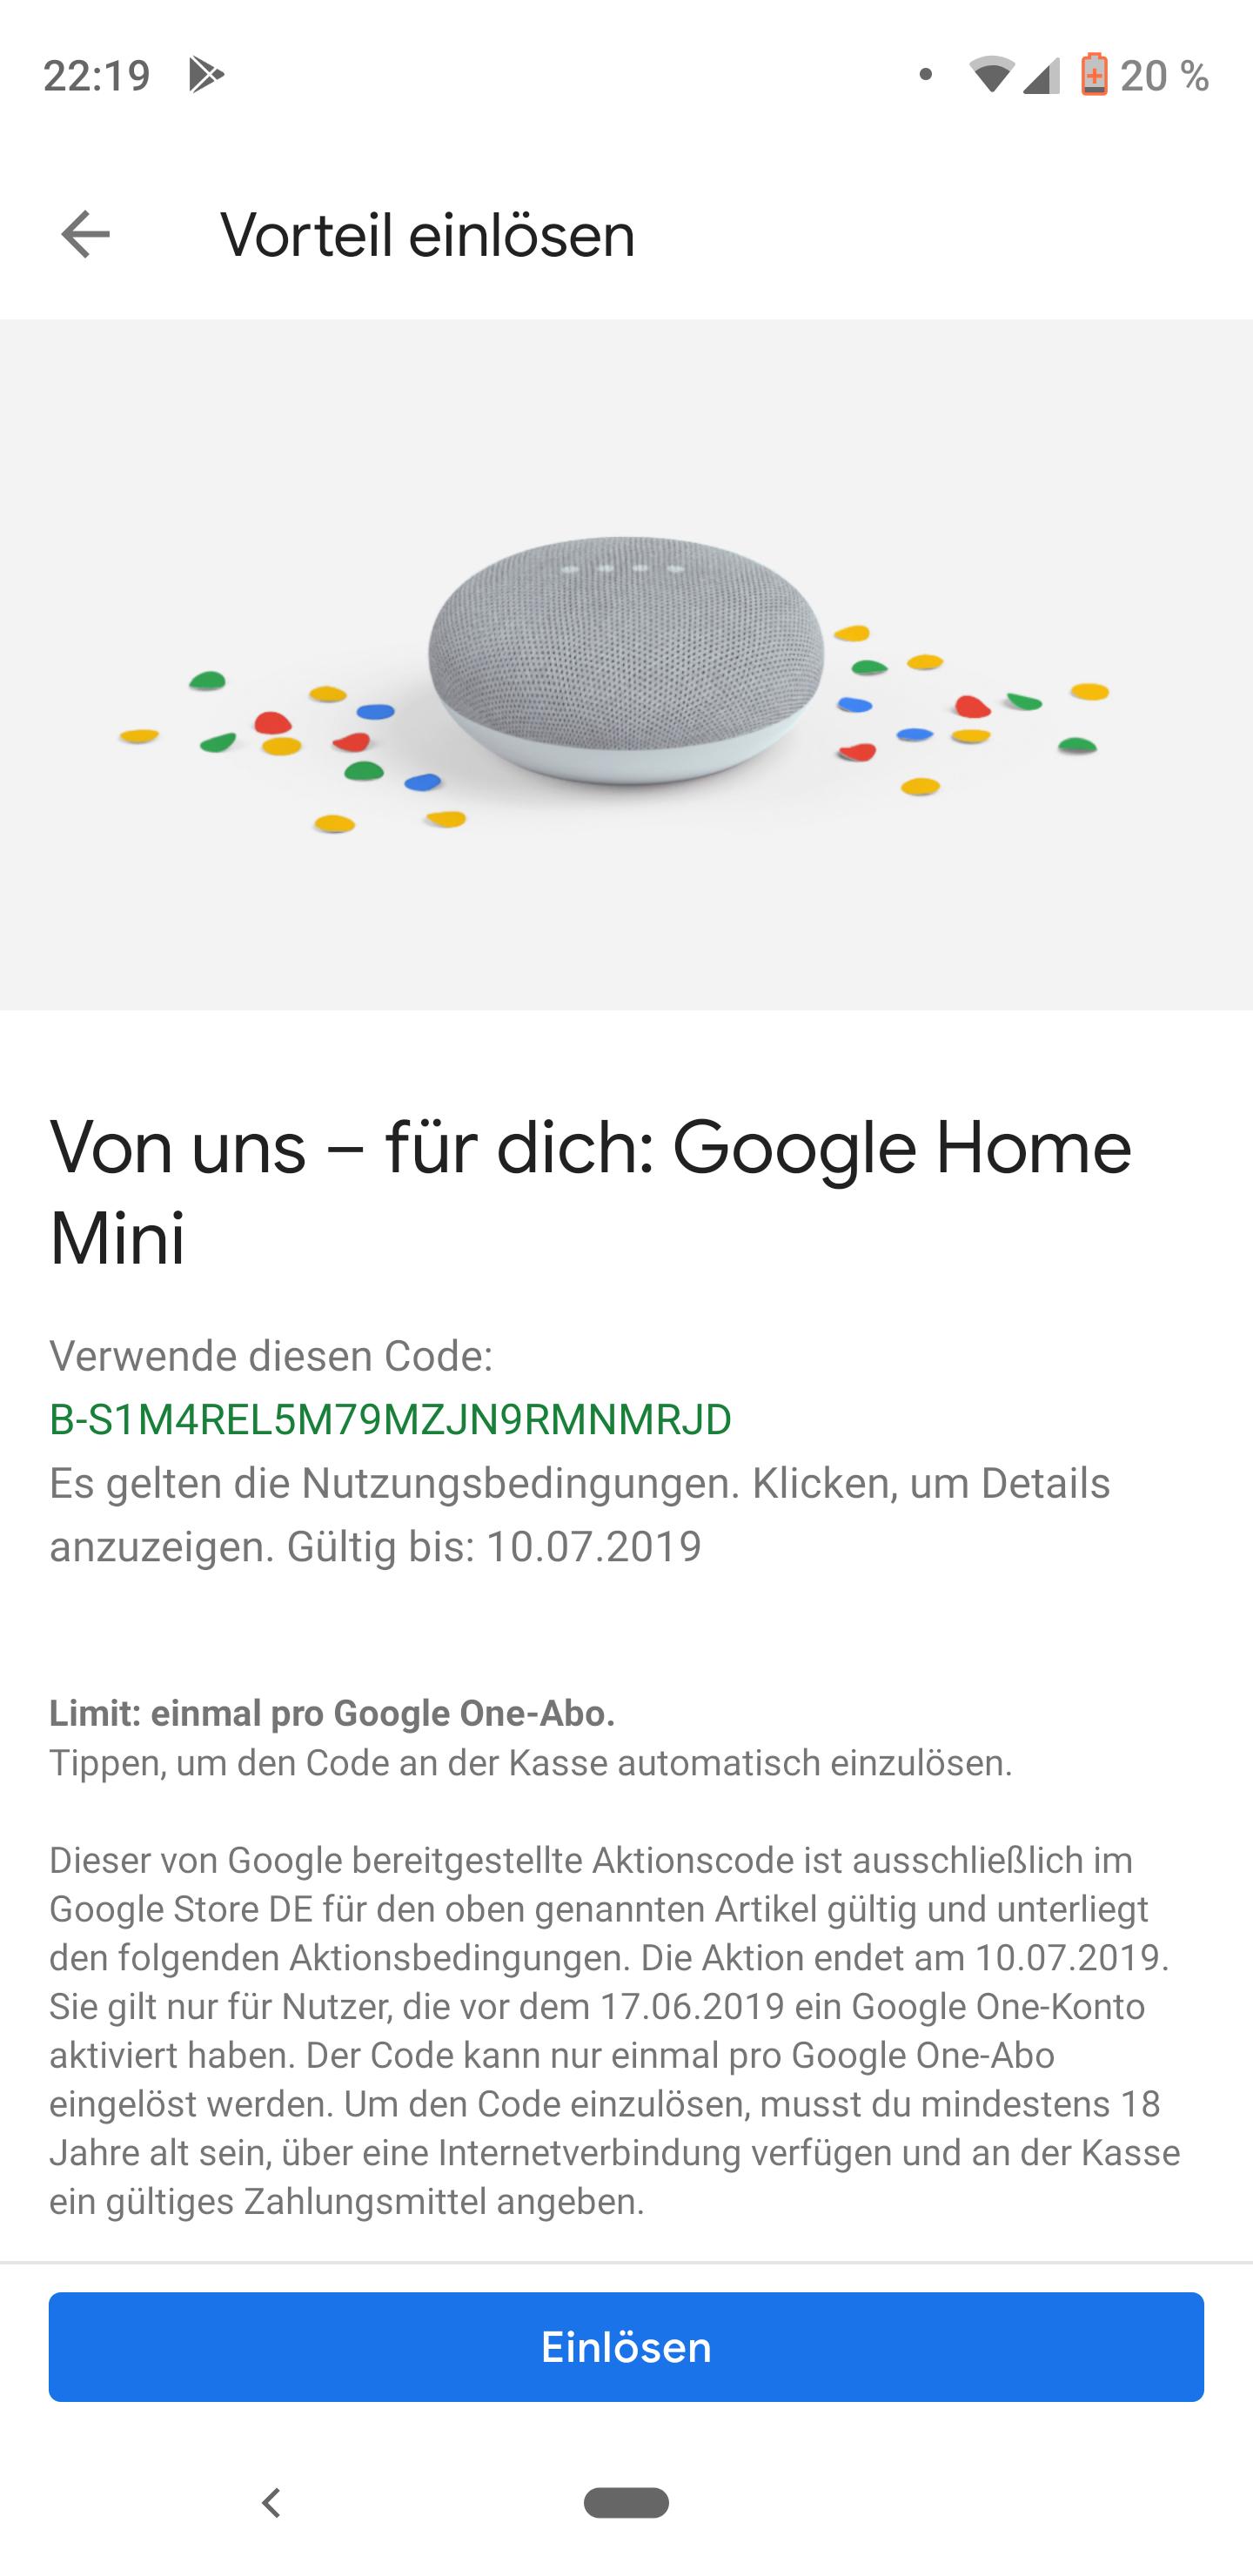 Google Home Mini gratis für Google One Abonnenten die vor dem 17.6. schon ein Abo hatten